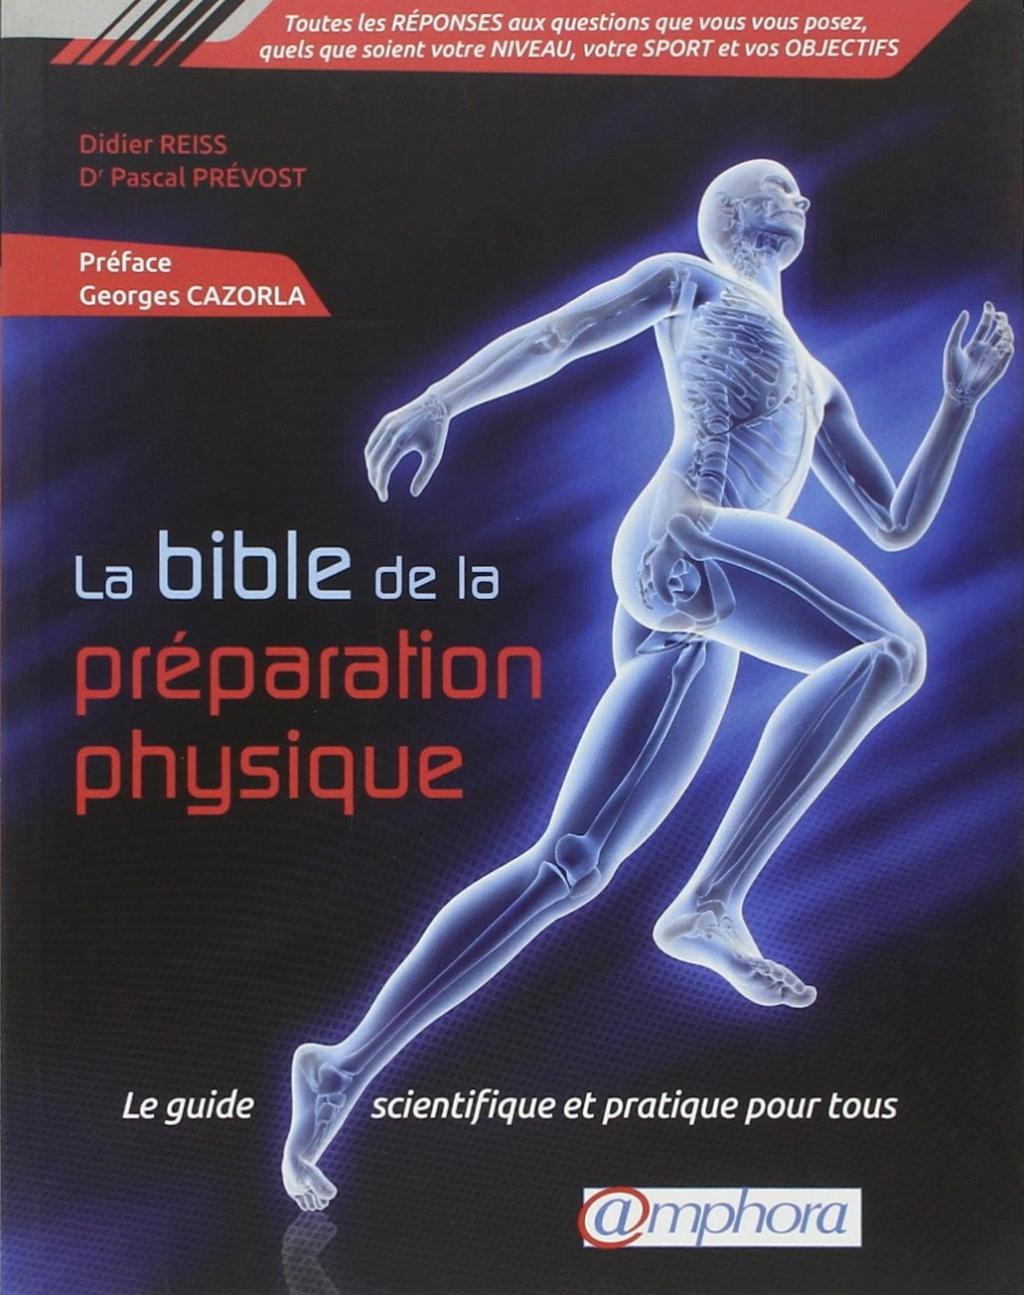 La bible de la préparation physique 71nrku10